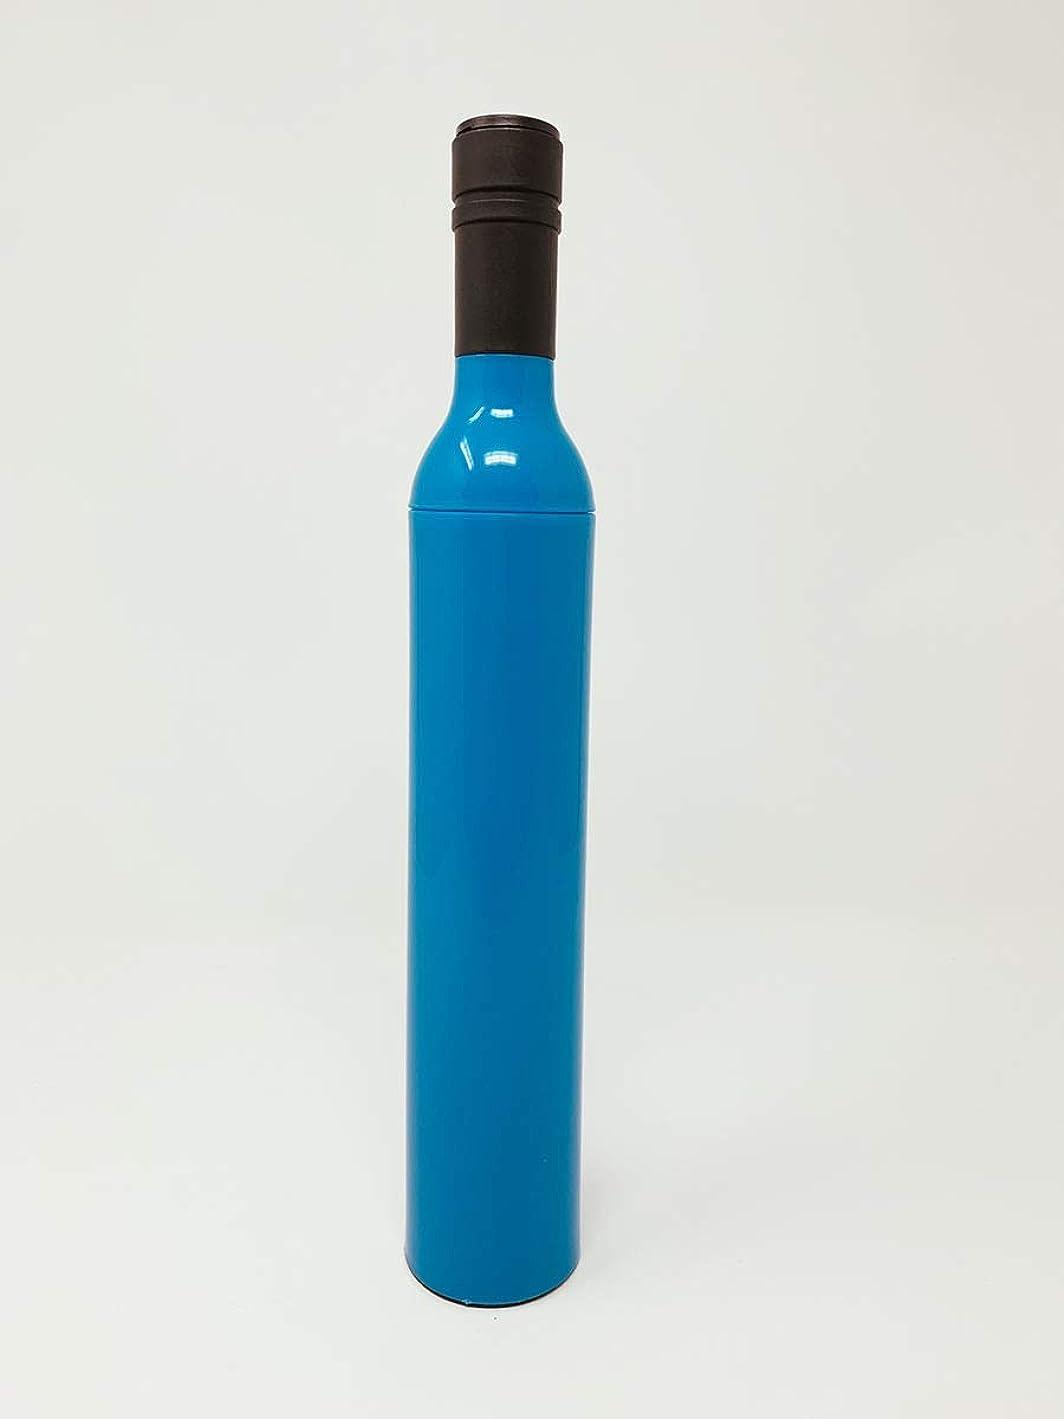 農民免疫するトラップUN-BOTTLE 折り畳み傘 日傘 超軽量 ファッション 傘 かわいい おしゃれ 傘 高性能折りたたみ傘?携帯性抜群?収納ケース付き まるでワインボトル 梅雨 対策 永久保証付き